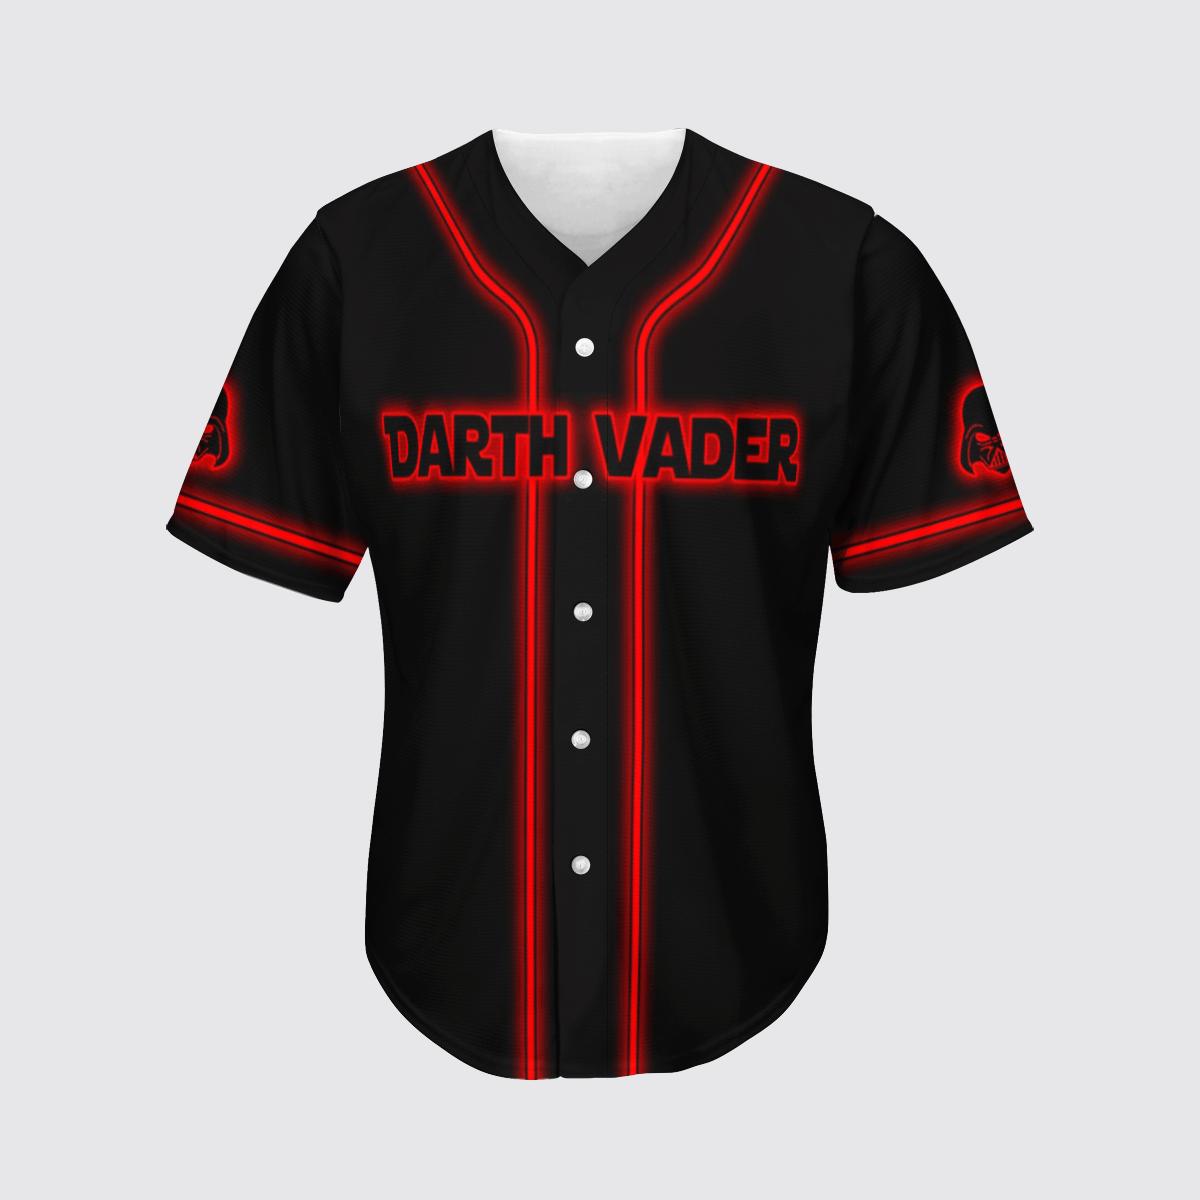 Darth Vader Star Wars baseball shirt